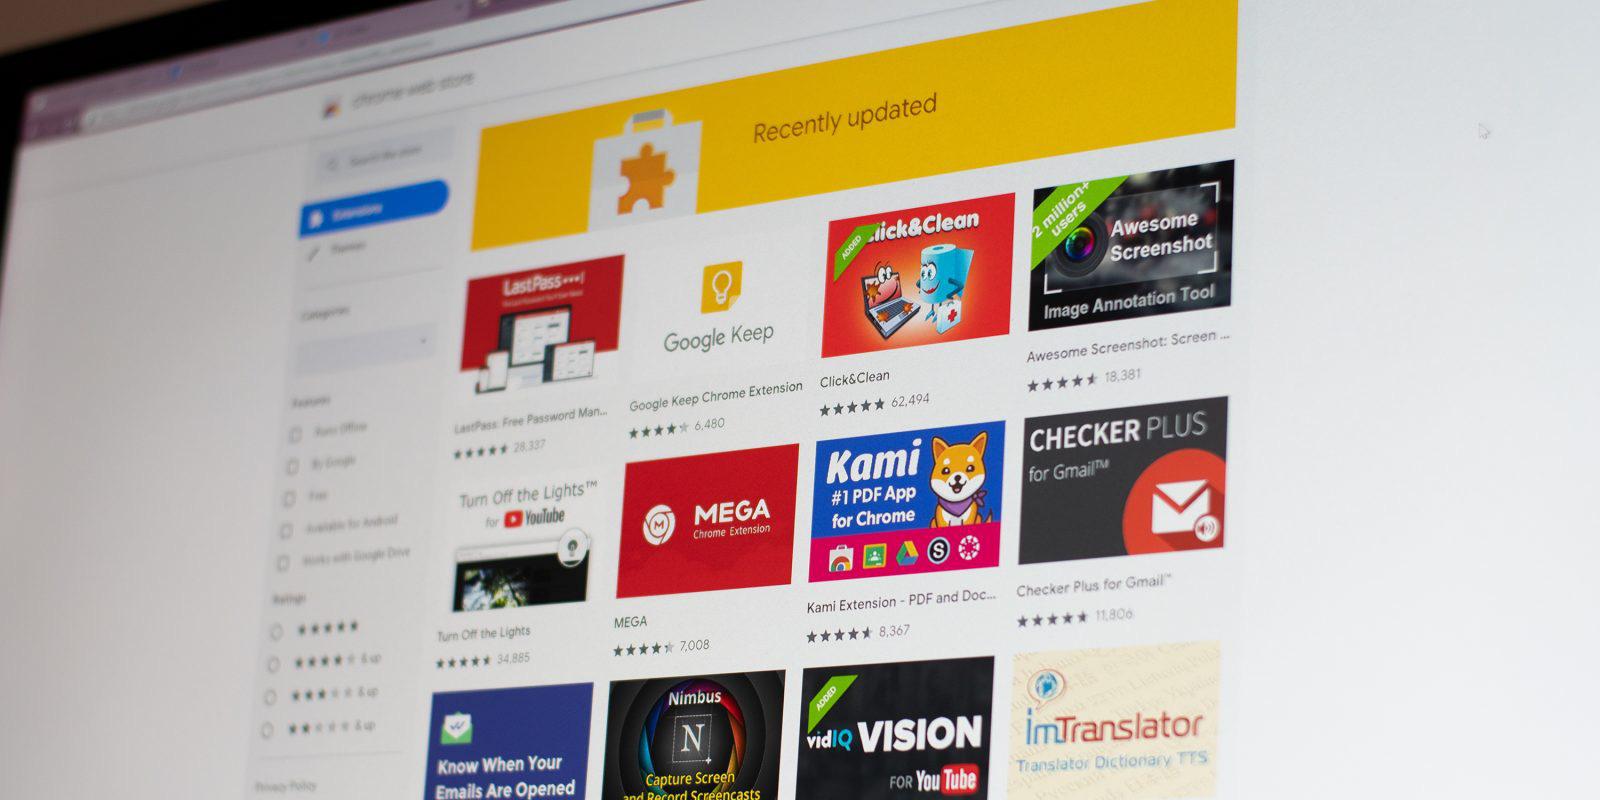 Người dùng hãy xóa bỏ những tiện ích mở rộng của Chrome chứa malware ngay lặp tức - Ảnh 1.